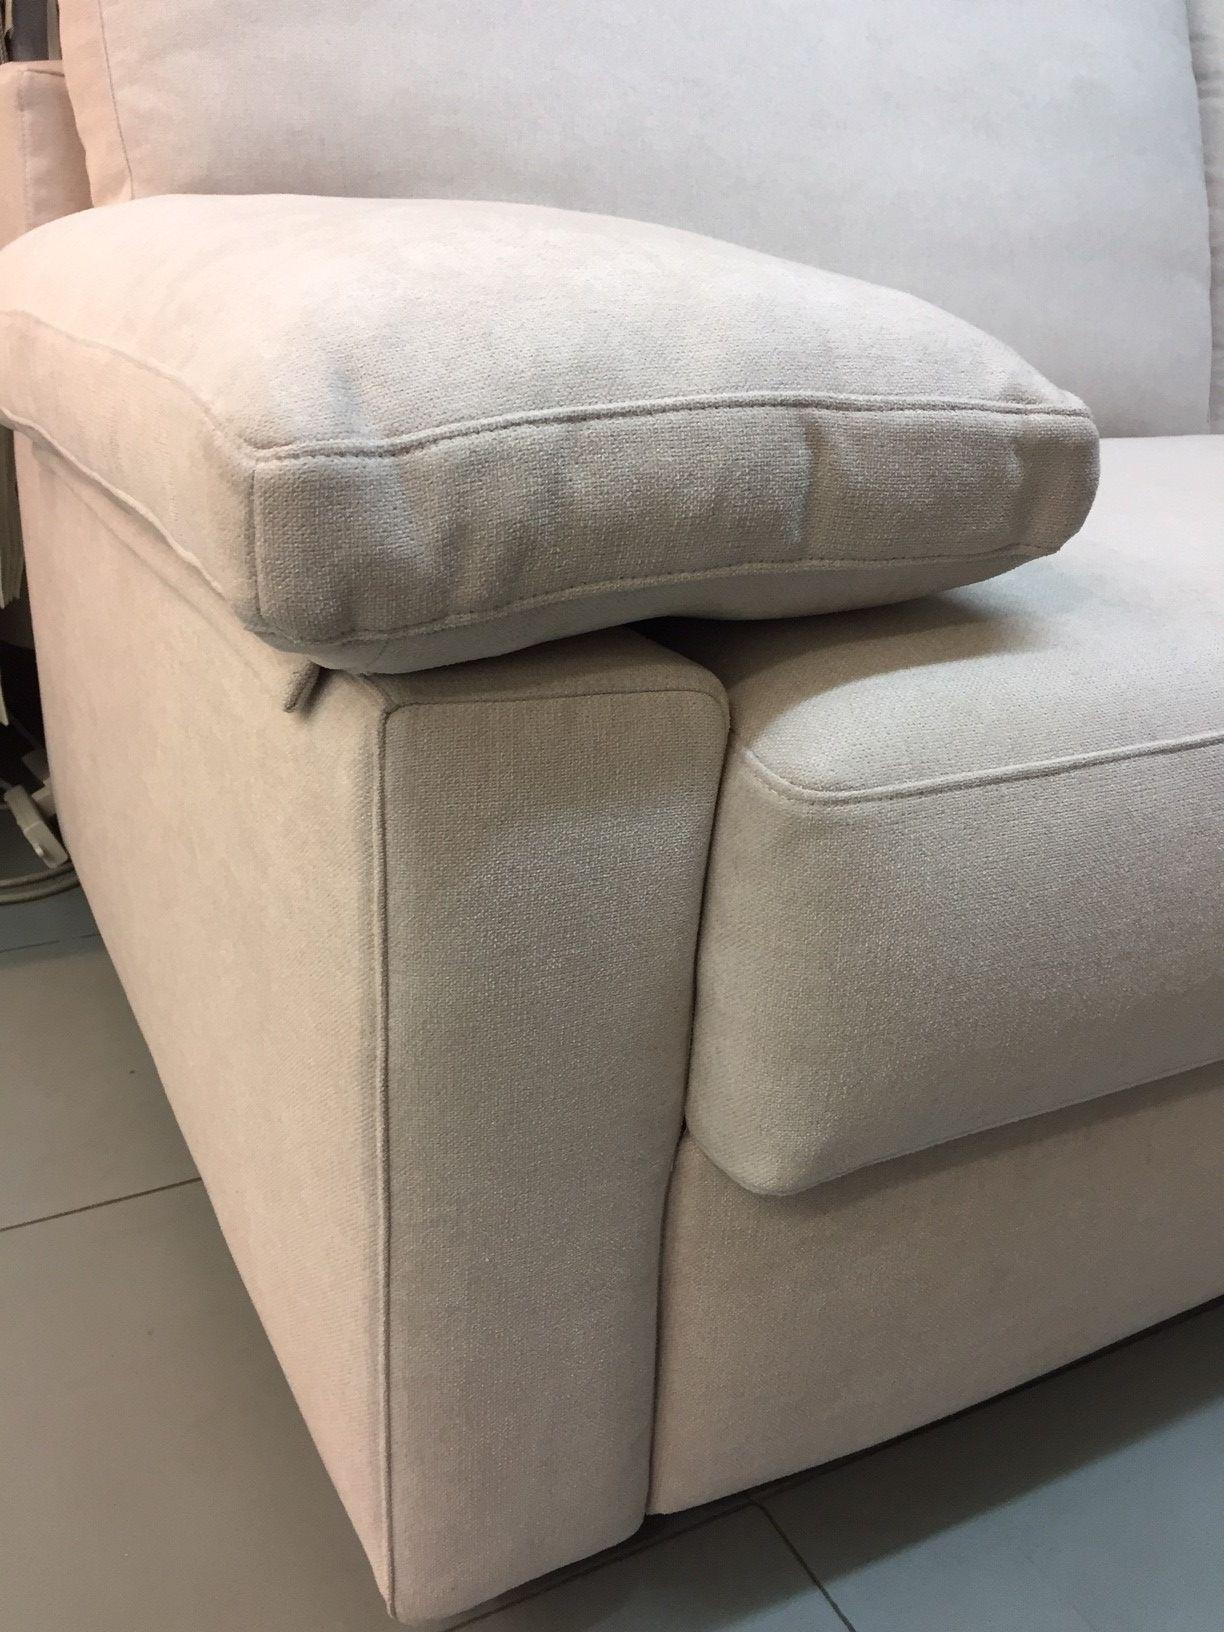 Divano letto materasso alto 18 cm stone la casa econaturale for Letto stone